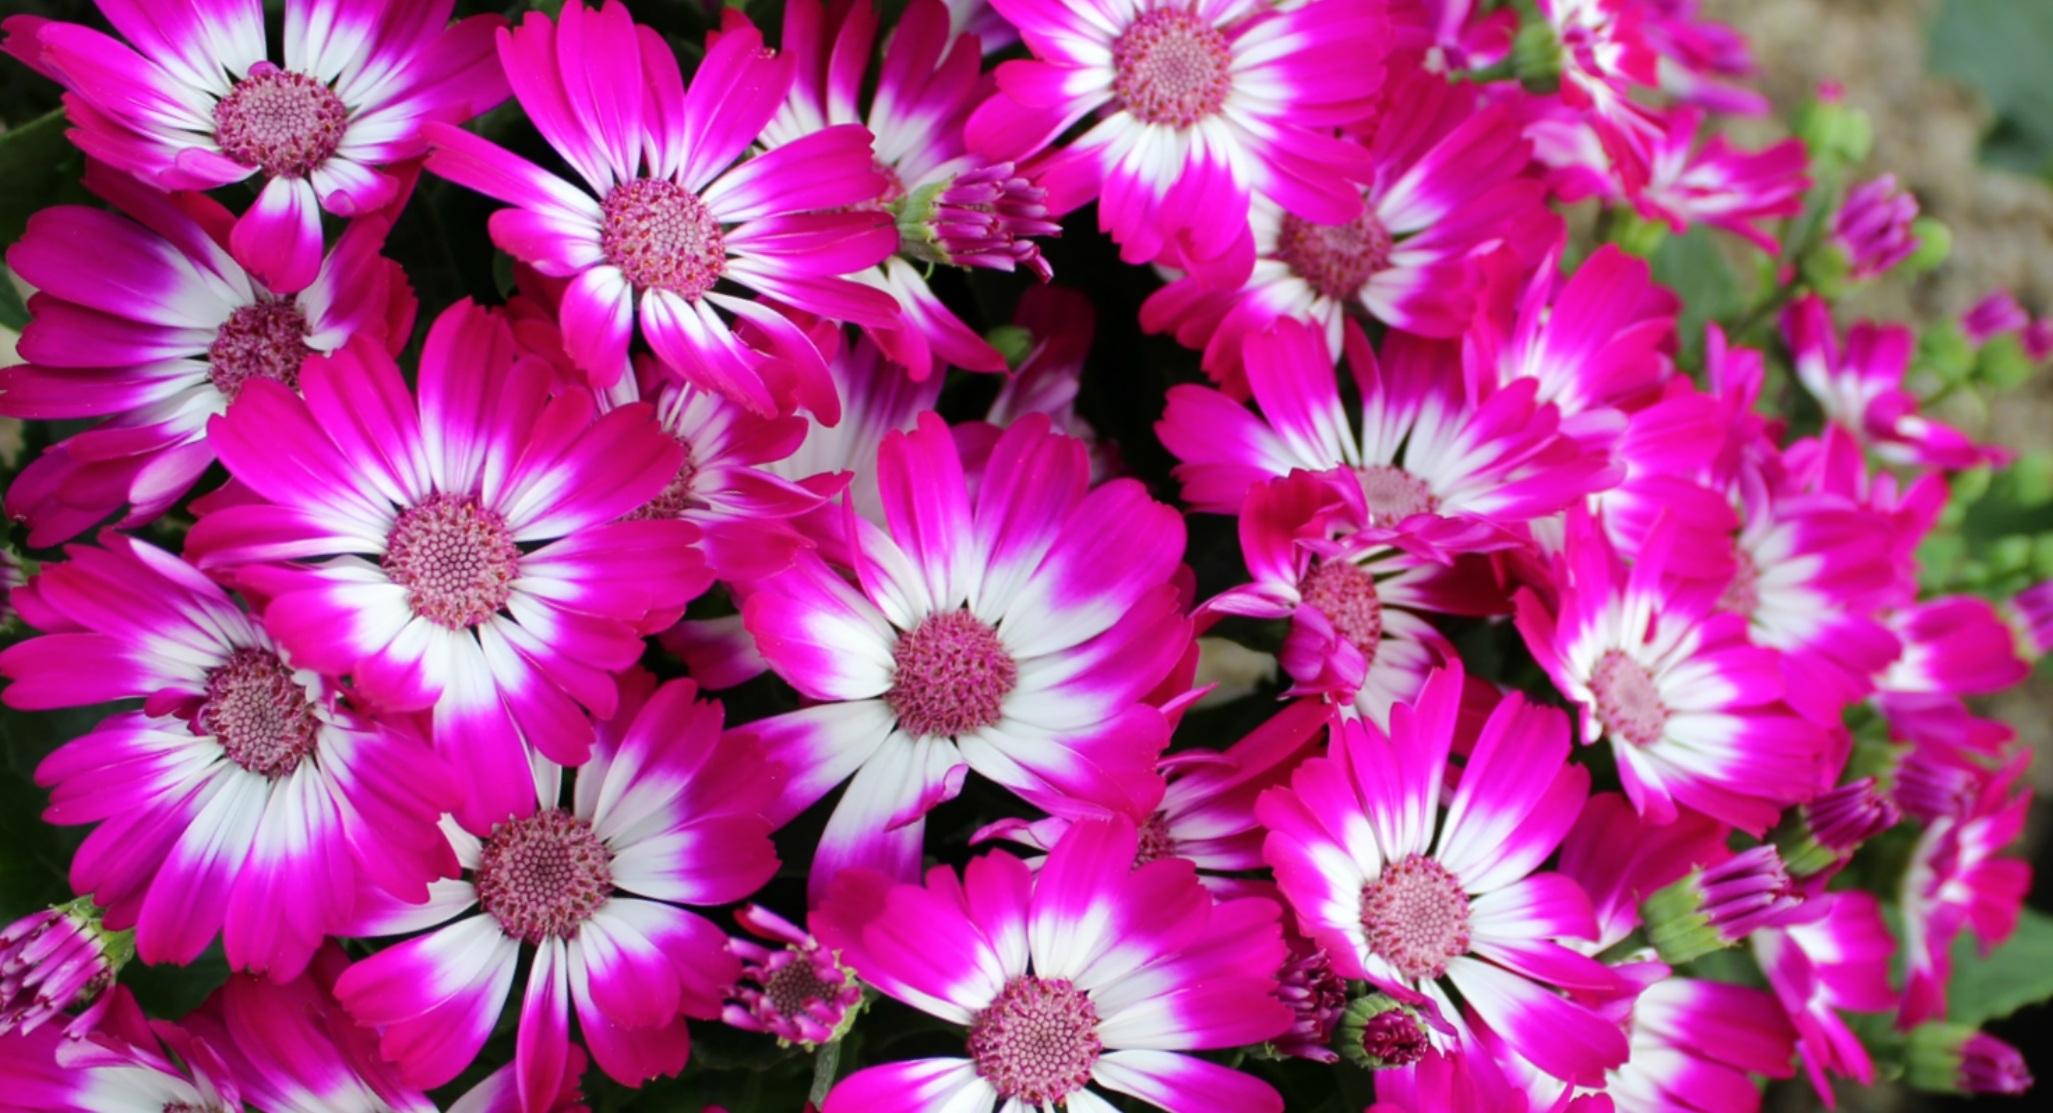 Images Gratuites : fleur, pétale, Couleur, Naturel, Frais, botanique, flore, Fleur sauvage ...